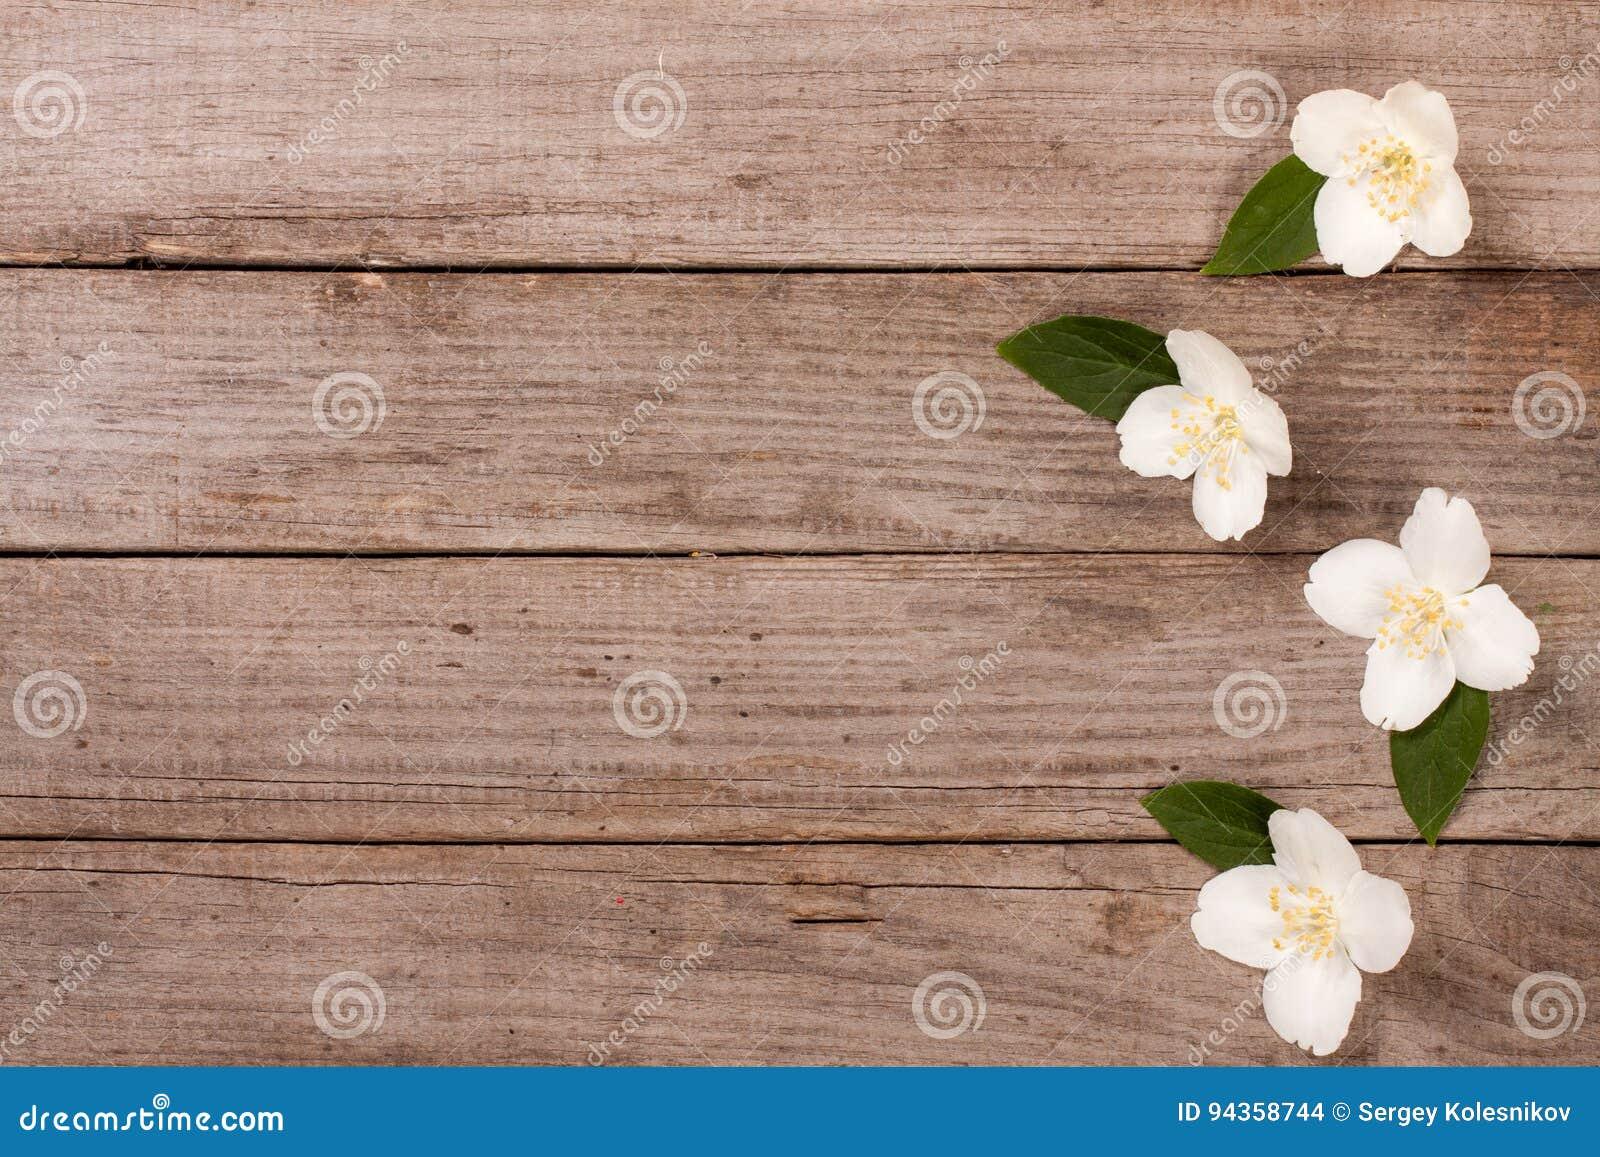 Quadro Flores Do Jasmim No Fundo De Madeira Velho Com Espaço Da